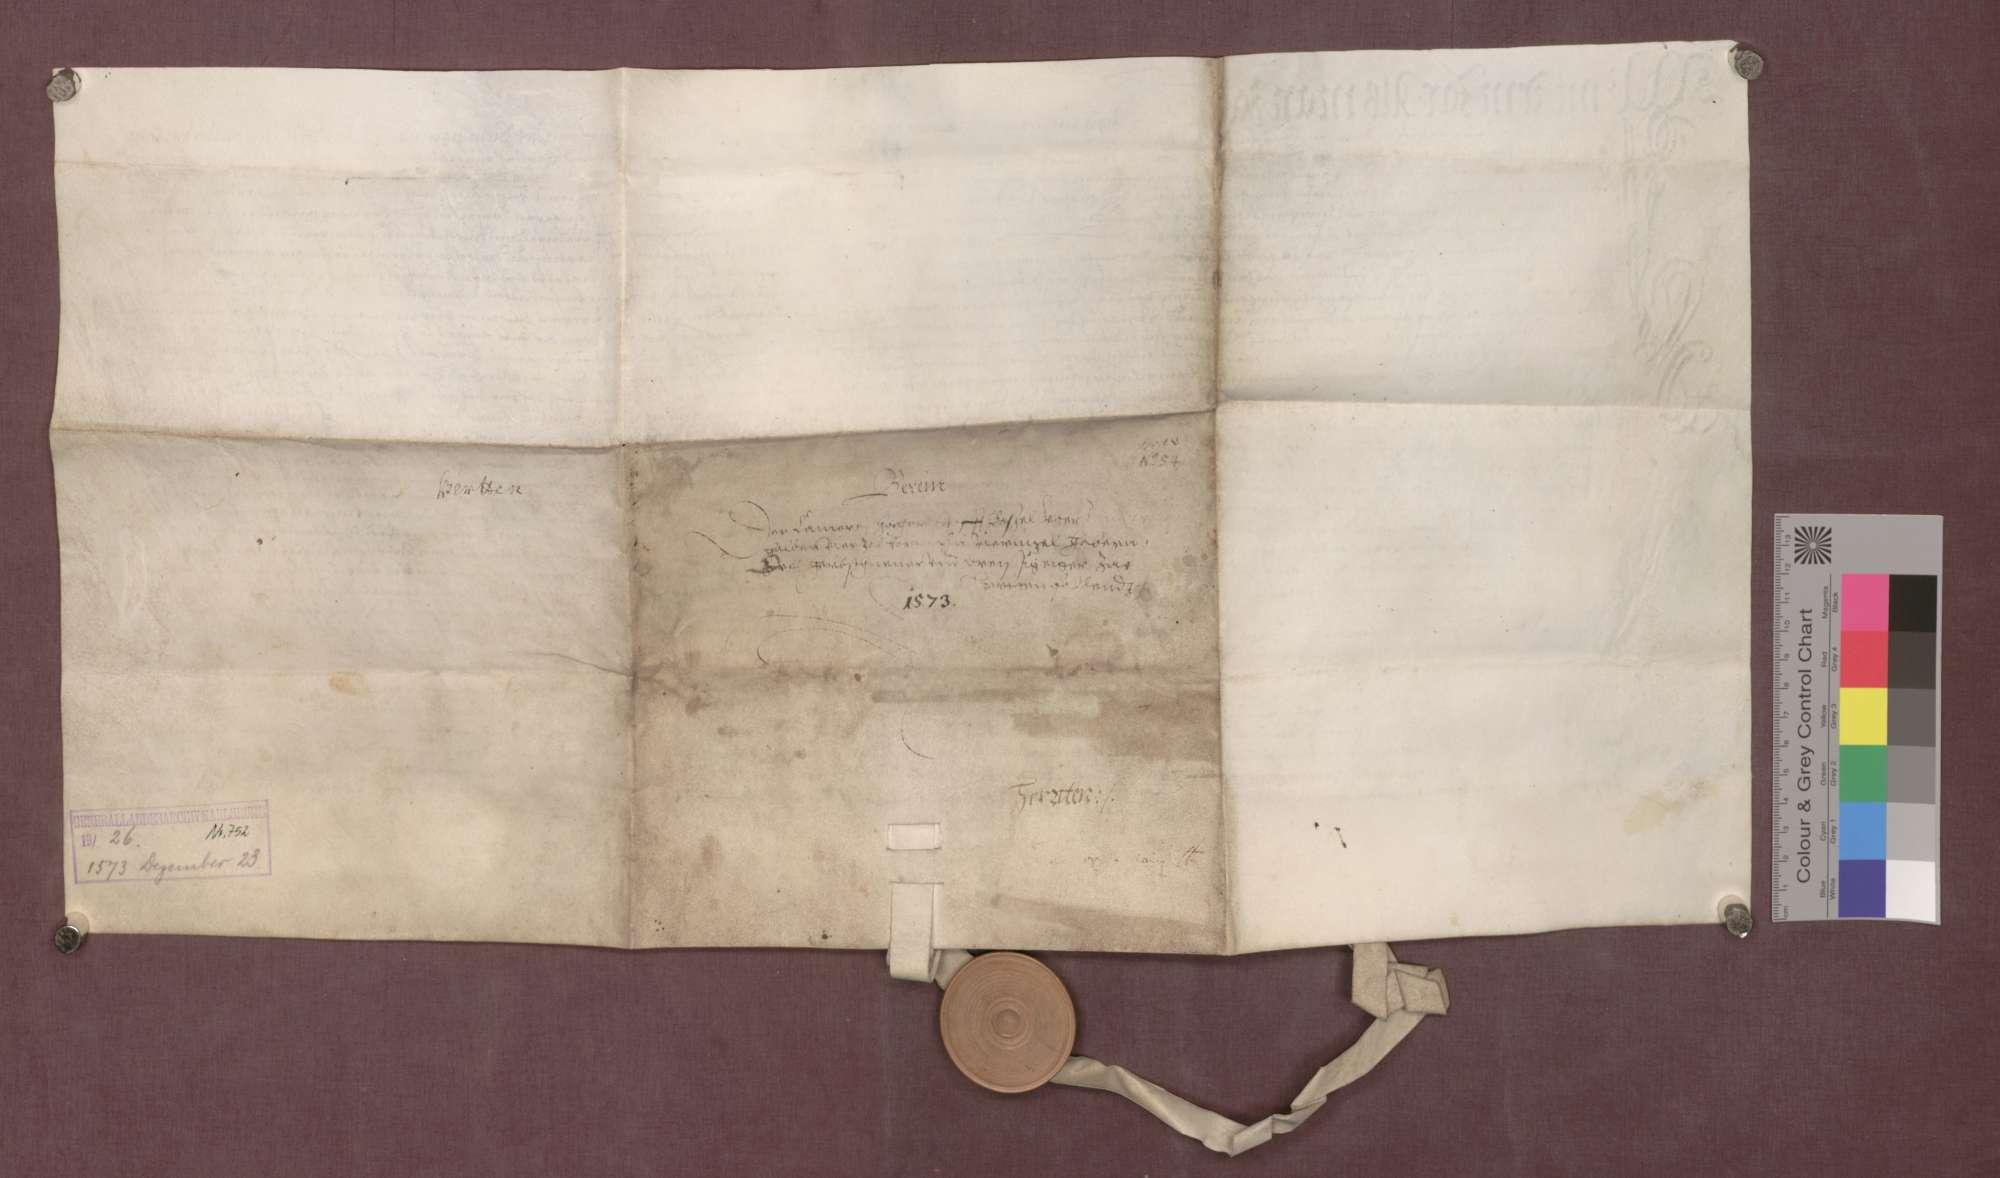 Berain über die Besitzungen des Domstifts Basel zu Herten, beurkundet vom Dorfgericht., Bild 2